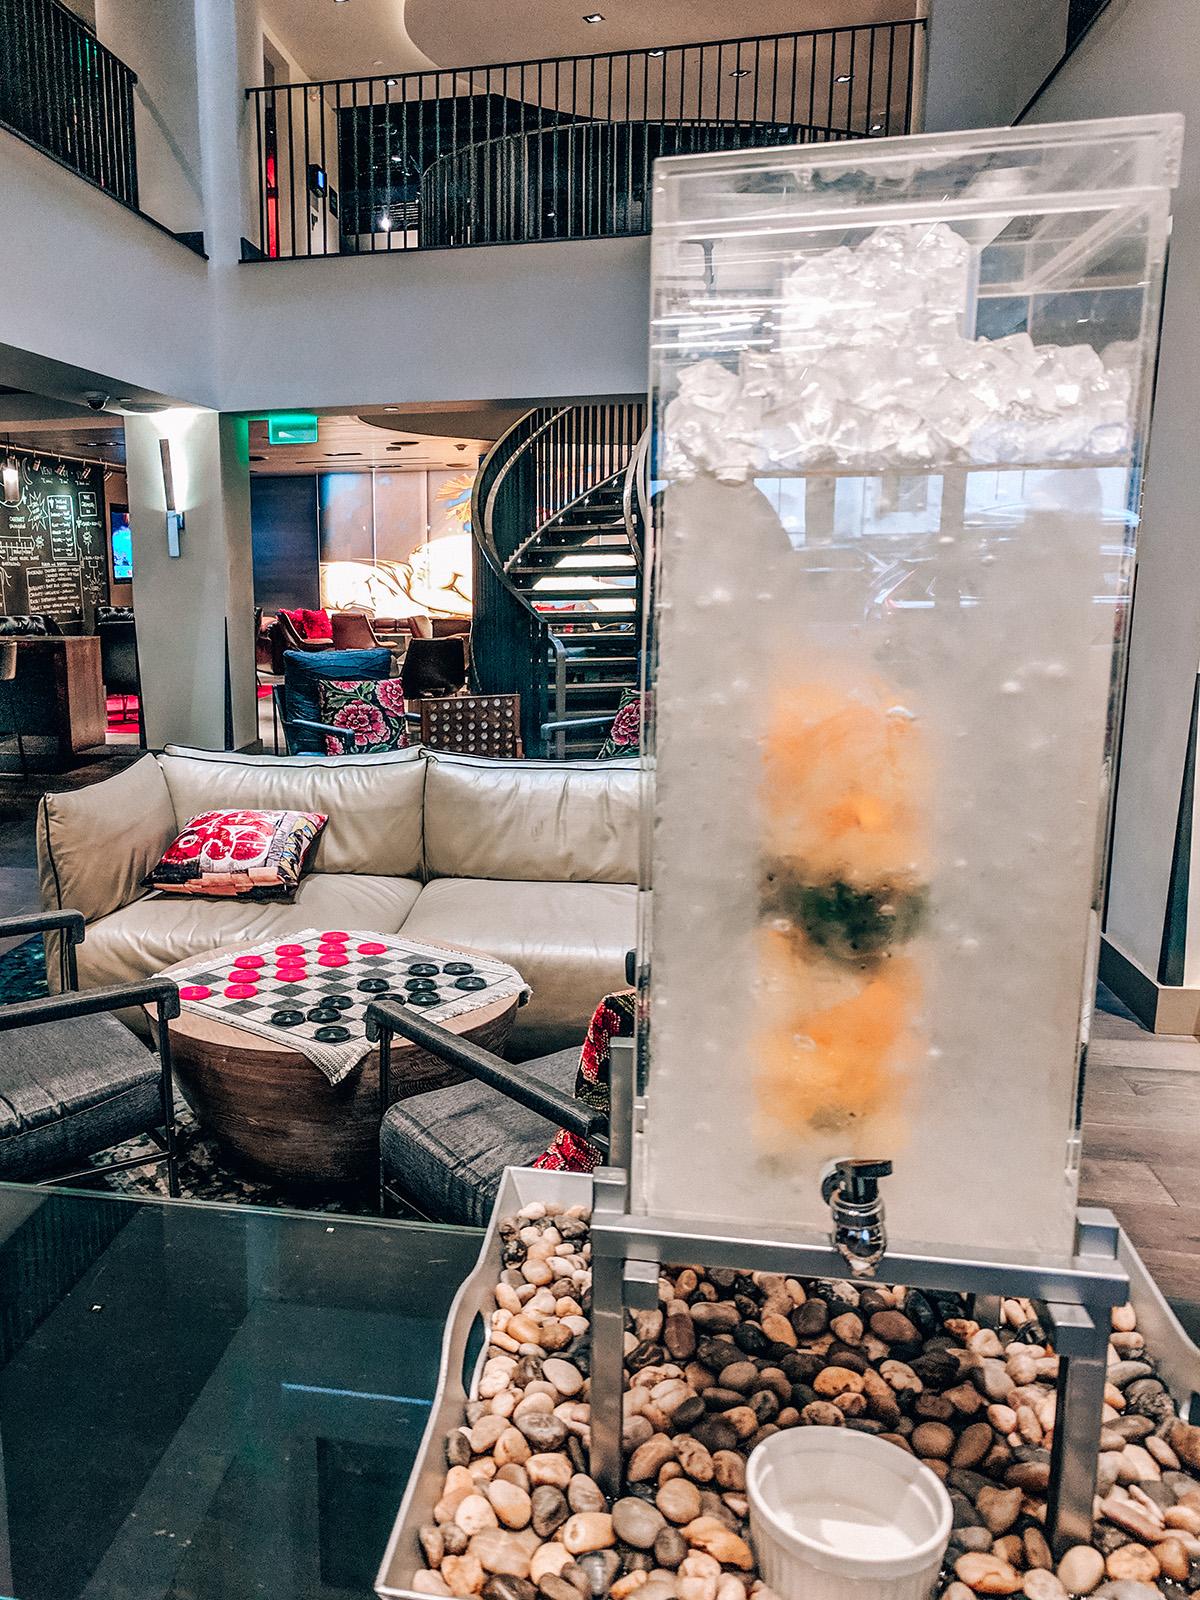 Hotel Vintage lobby infused water